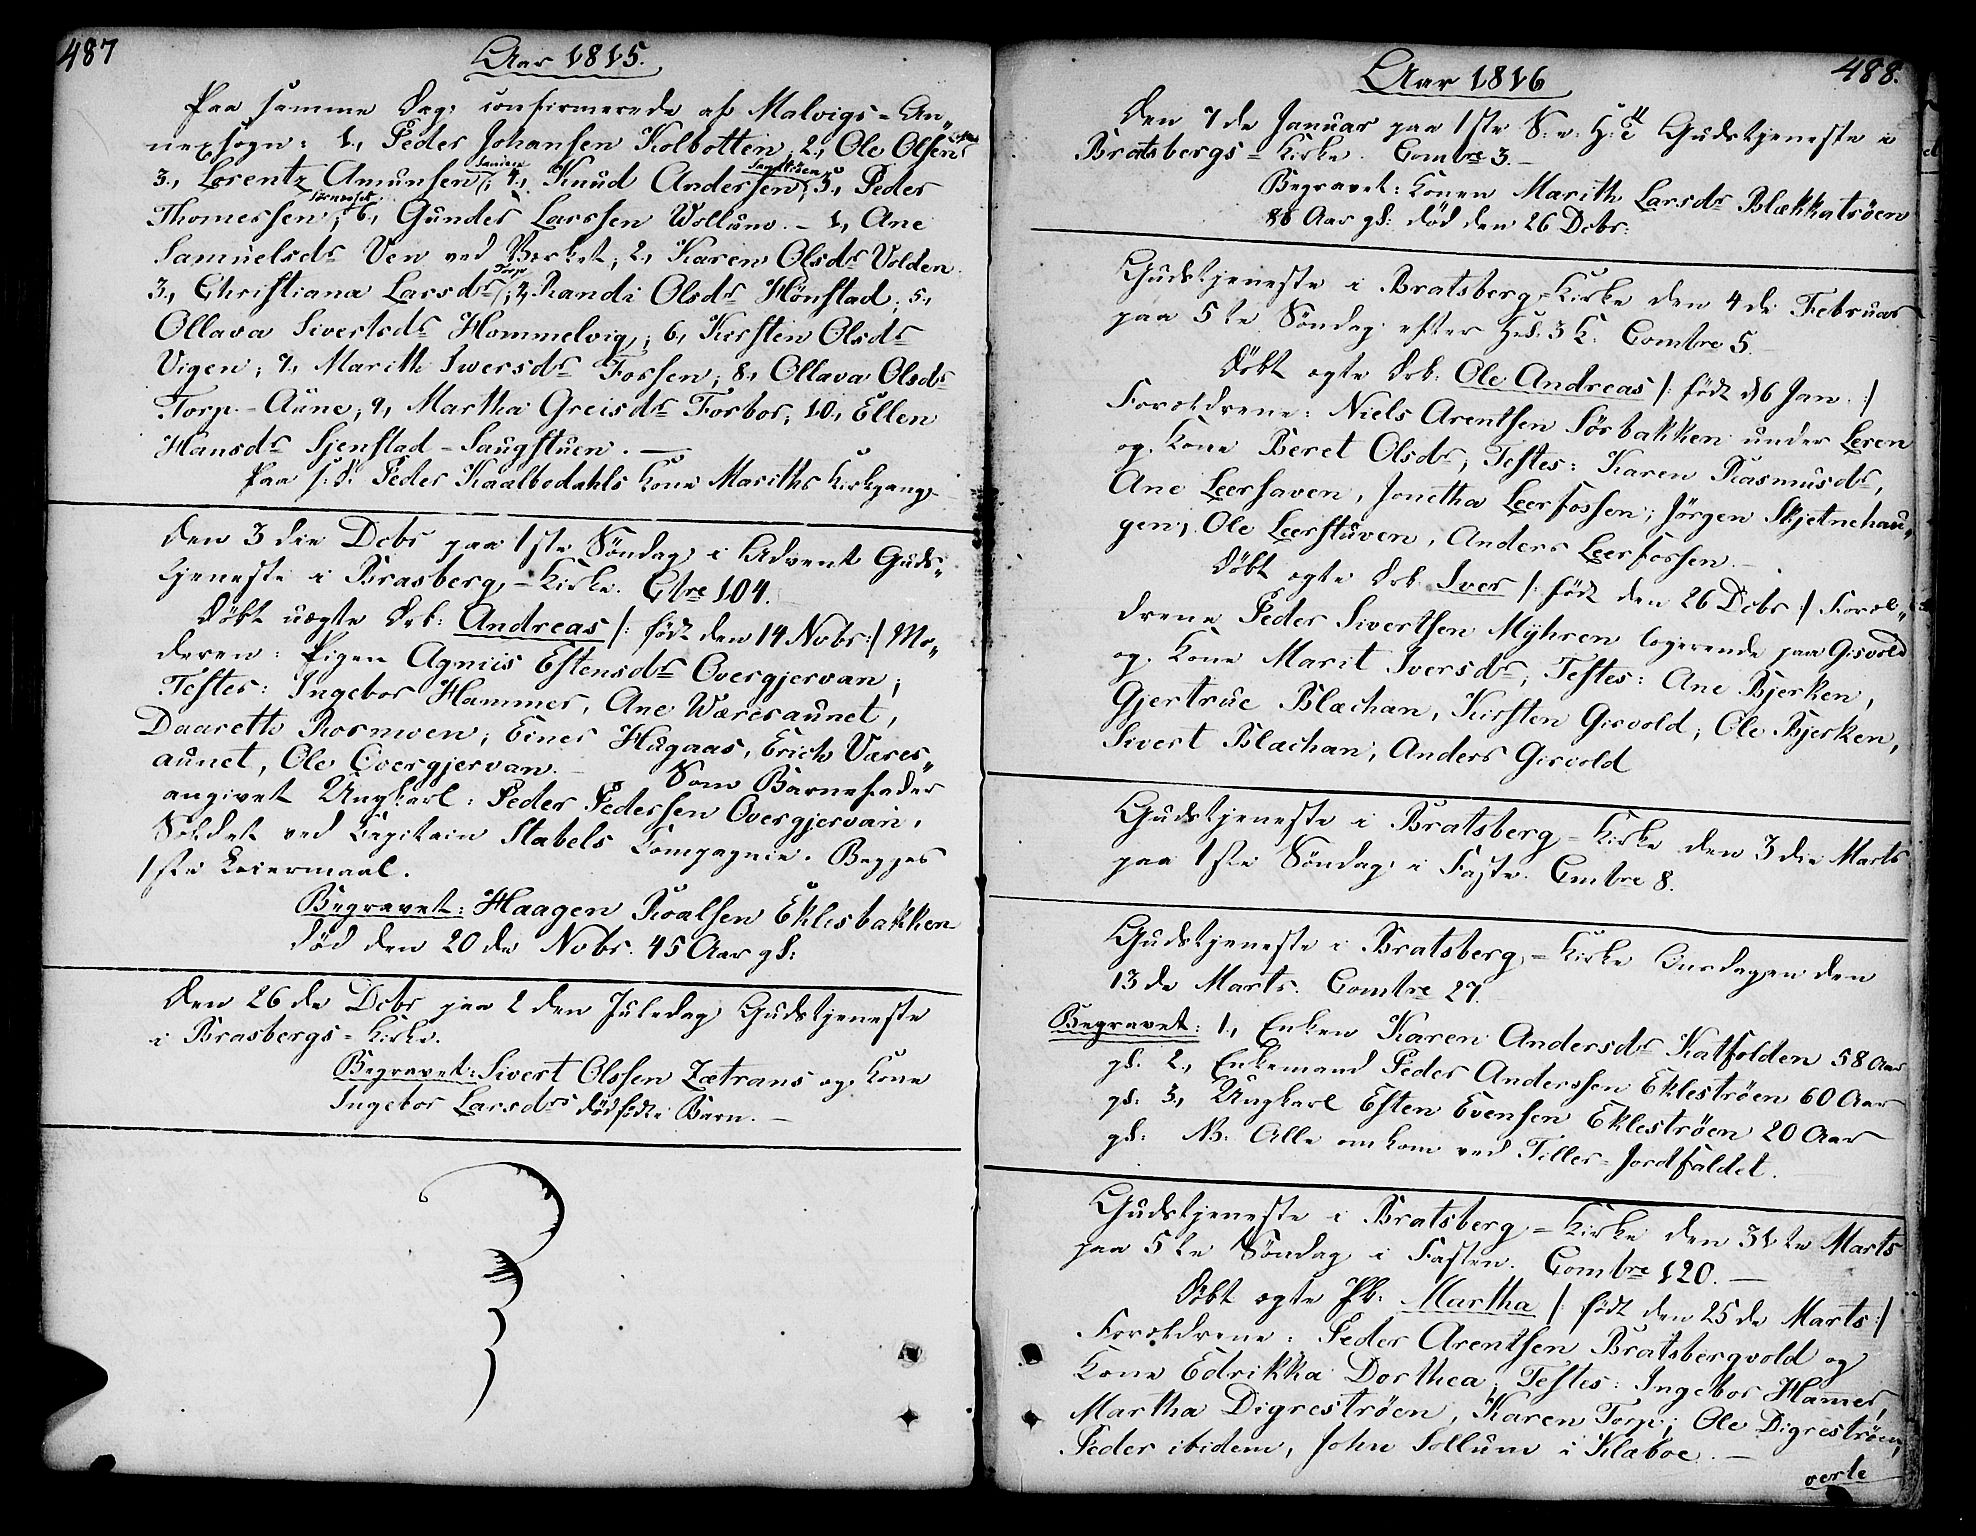 SAT, Ministerialprotokoller, klokkerbøker og fødselsregistre - Sør-Trøndelag, 606/L0282: Ministerialbok nr. 606A02 /3, 1781-1817, s. 487-488